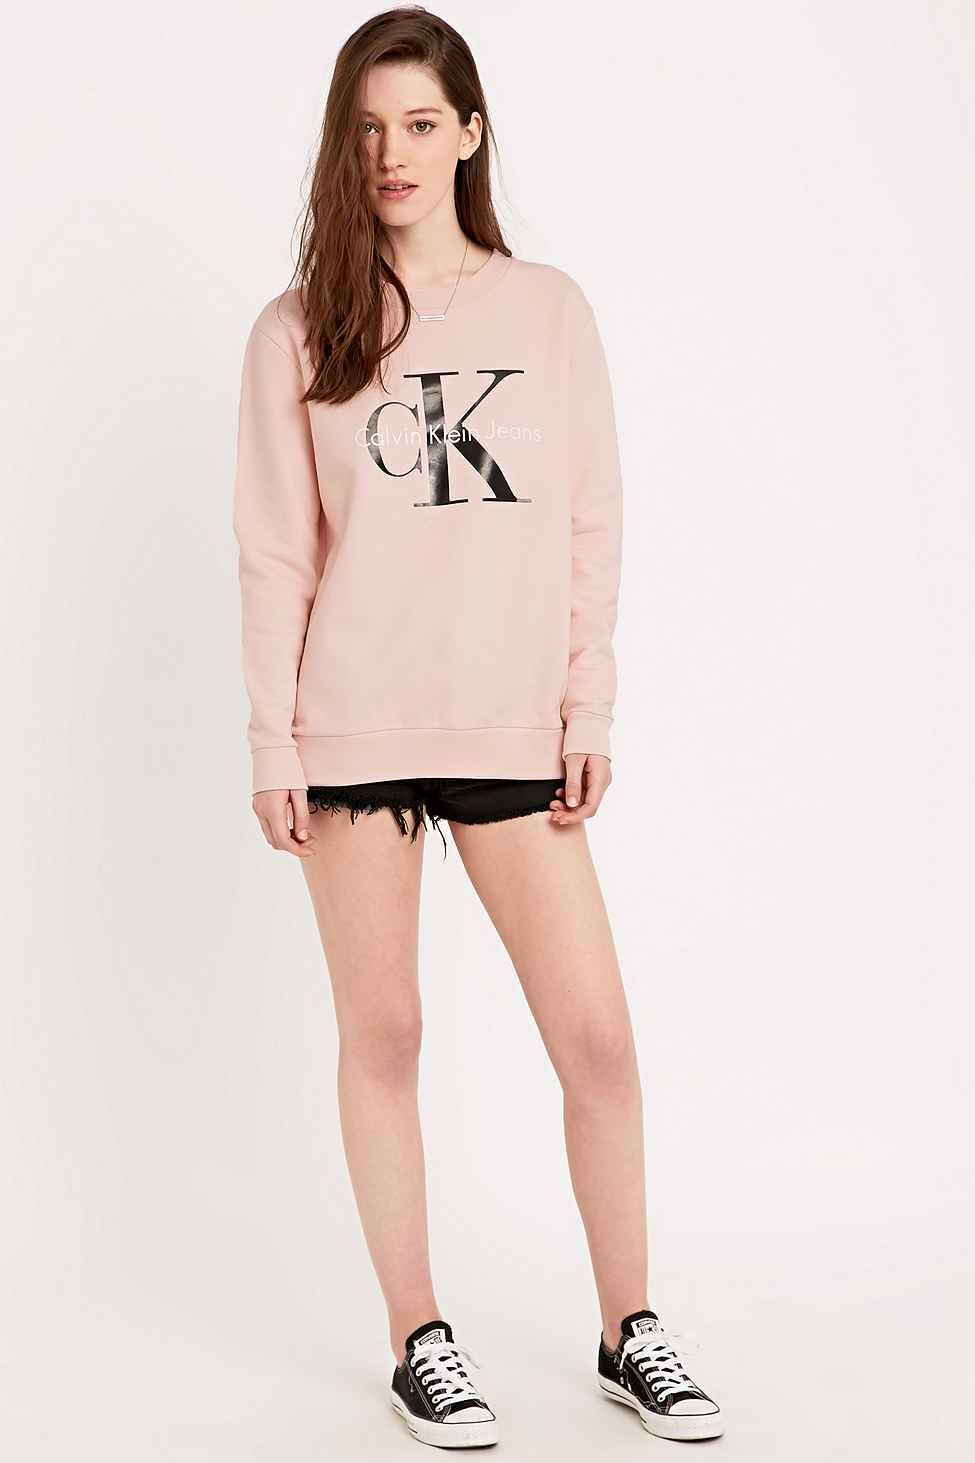 d7cf59b38f31 calvin klein women pink | Calvin klein jeans Sweatshirt In Pink in Pink |  Lyst